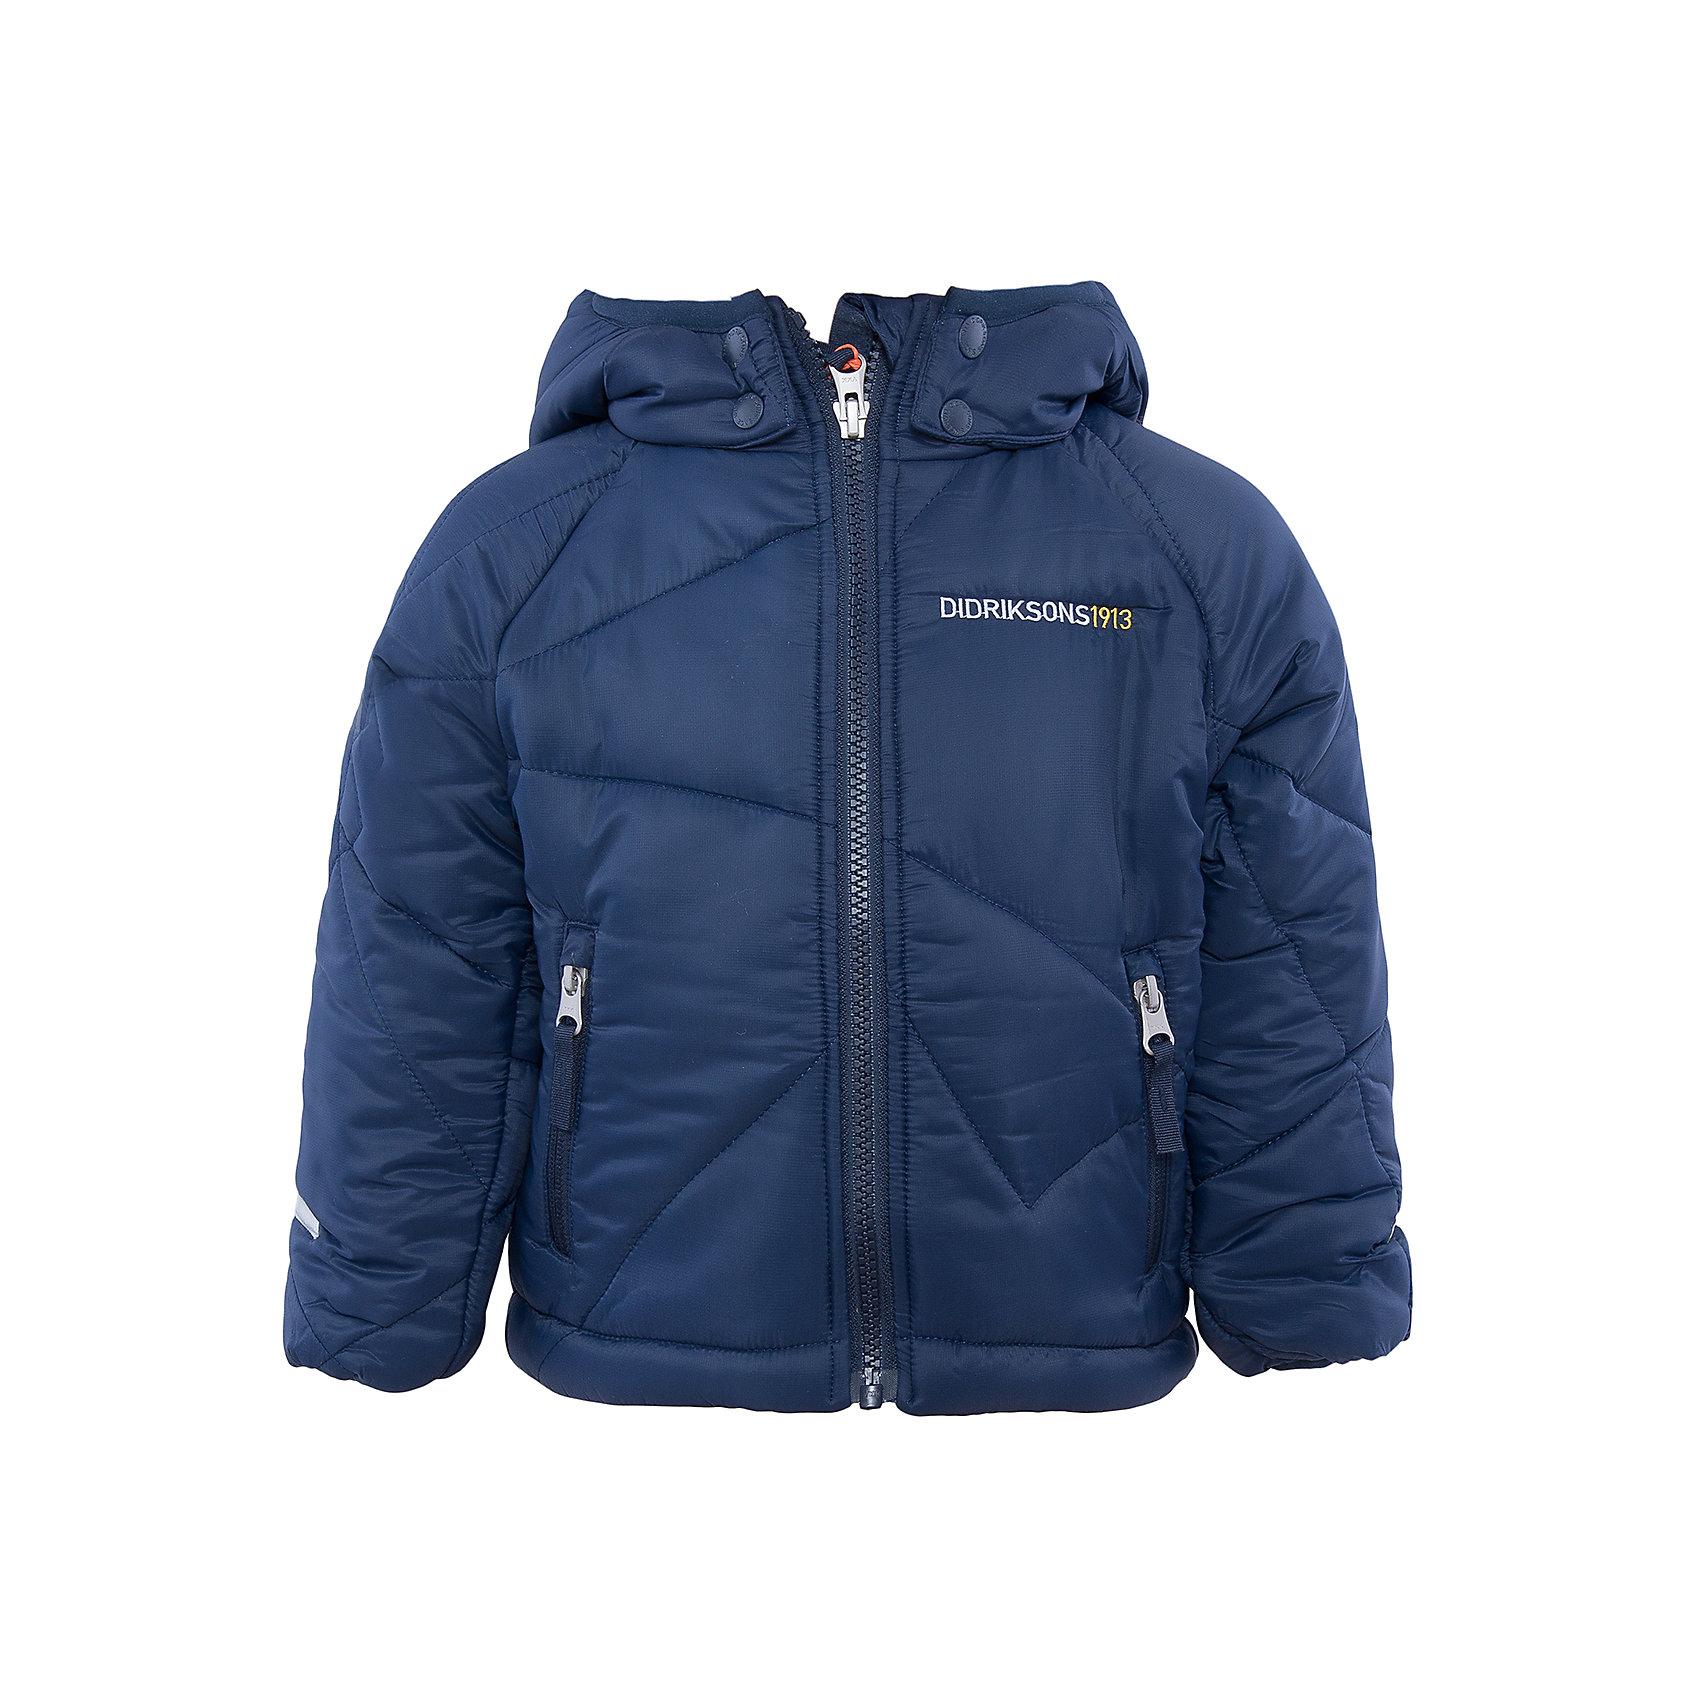 Куртка Coddi DIDRIKSONSВерхняя одежда<br>Характеристики товара:<br><br>• цвет: синий<br>• материал: 100% полиамид, подкладка 100% полиэстер<br>• утеплитель: 240 г/м<br>• сезон: зима<br>• температурный режи от +5 до -20С<br>• дополнительная пропитка верха<br>• съемный капюшон<br>• фронтальная молния <br>• светоотражающие детали<br>• можно увеличить длину рукавов на один размер <br>• страна бренда: Швеция<br>• страна производства: Бангладеш<br><br>Такая куртка поможет малышам наслаждаться зимним отдыхом даже в морозы! Это не только стильно, но еще и очень комфортно, а также тепло. Эта качественная куртка обеспечит ребенку удобство при прогулках и активном отдыхе зимой. Такая модель от шведского производителя легко трансформируется под рост ребенка и погодные условия.<br>Куртка сшита из легкого материала с дополнительной пропиткой. Очень стильная и удобная модель! Изделие качественно выполнено, сделано из безопасных для детей материалов. <br><br>Куртку от бренда DIDRIKSONS можно купить в нашем интернет-магазине.<br><br>Ширина мм: 356<br>Глубина мм: 10<br>Высота мм: 245<br>Вес г: 519<br>Цвет: голубой<br>Возраст от месяцев: 18<br>Возраст до месяцев: 24<br>Пол: Мужской<br>Возраст: Детский<br>Размер: 80,100,110,120,90,130<br>SKU: 5043918